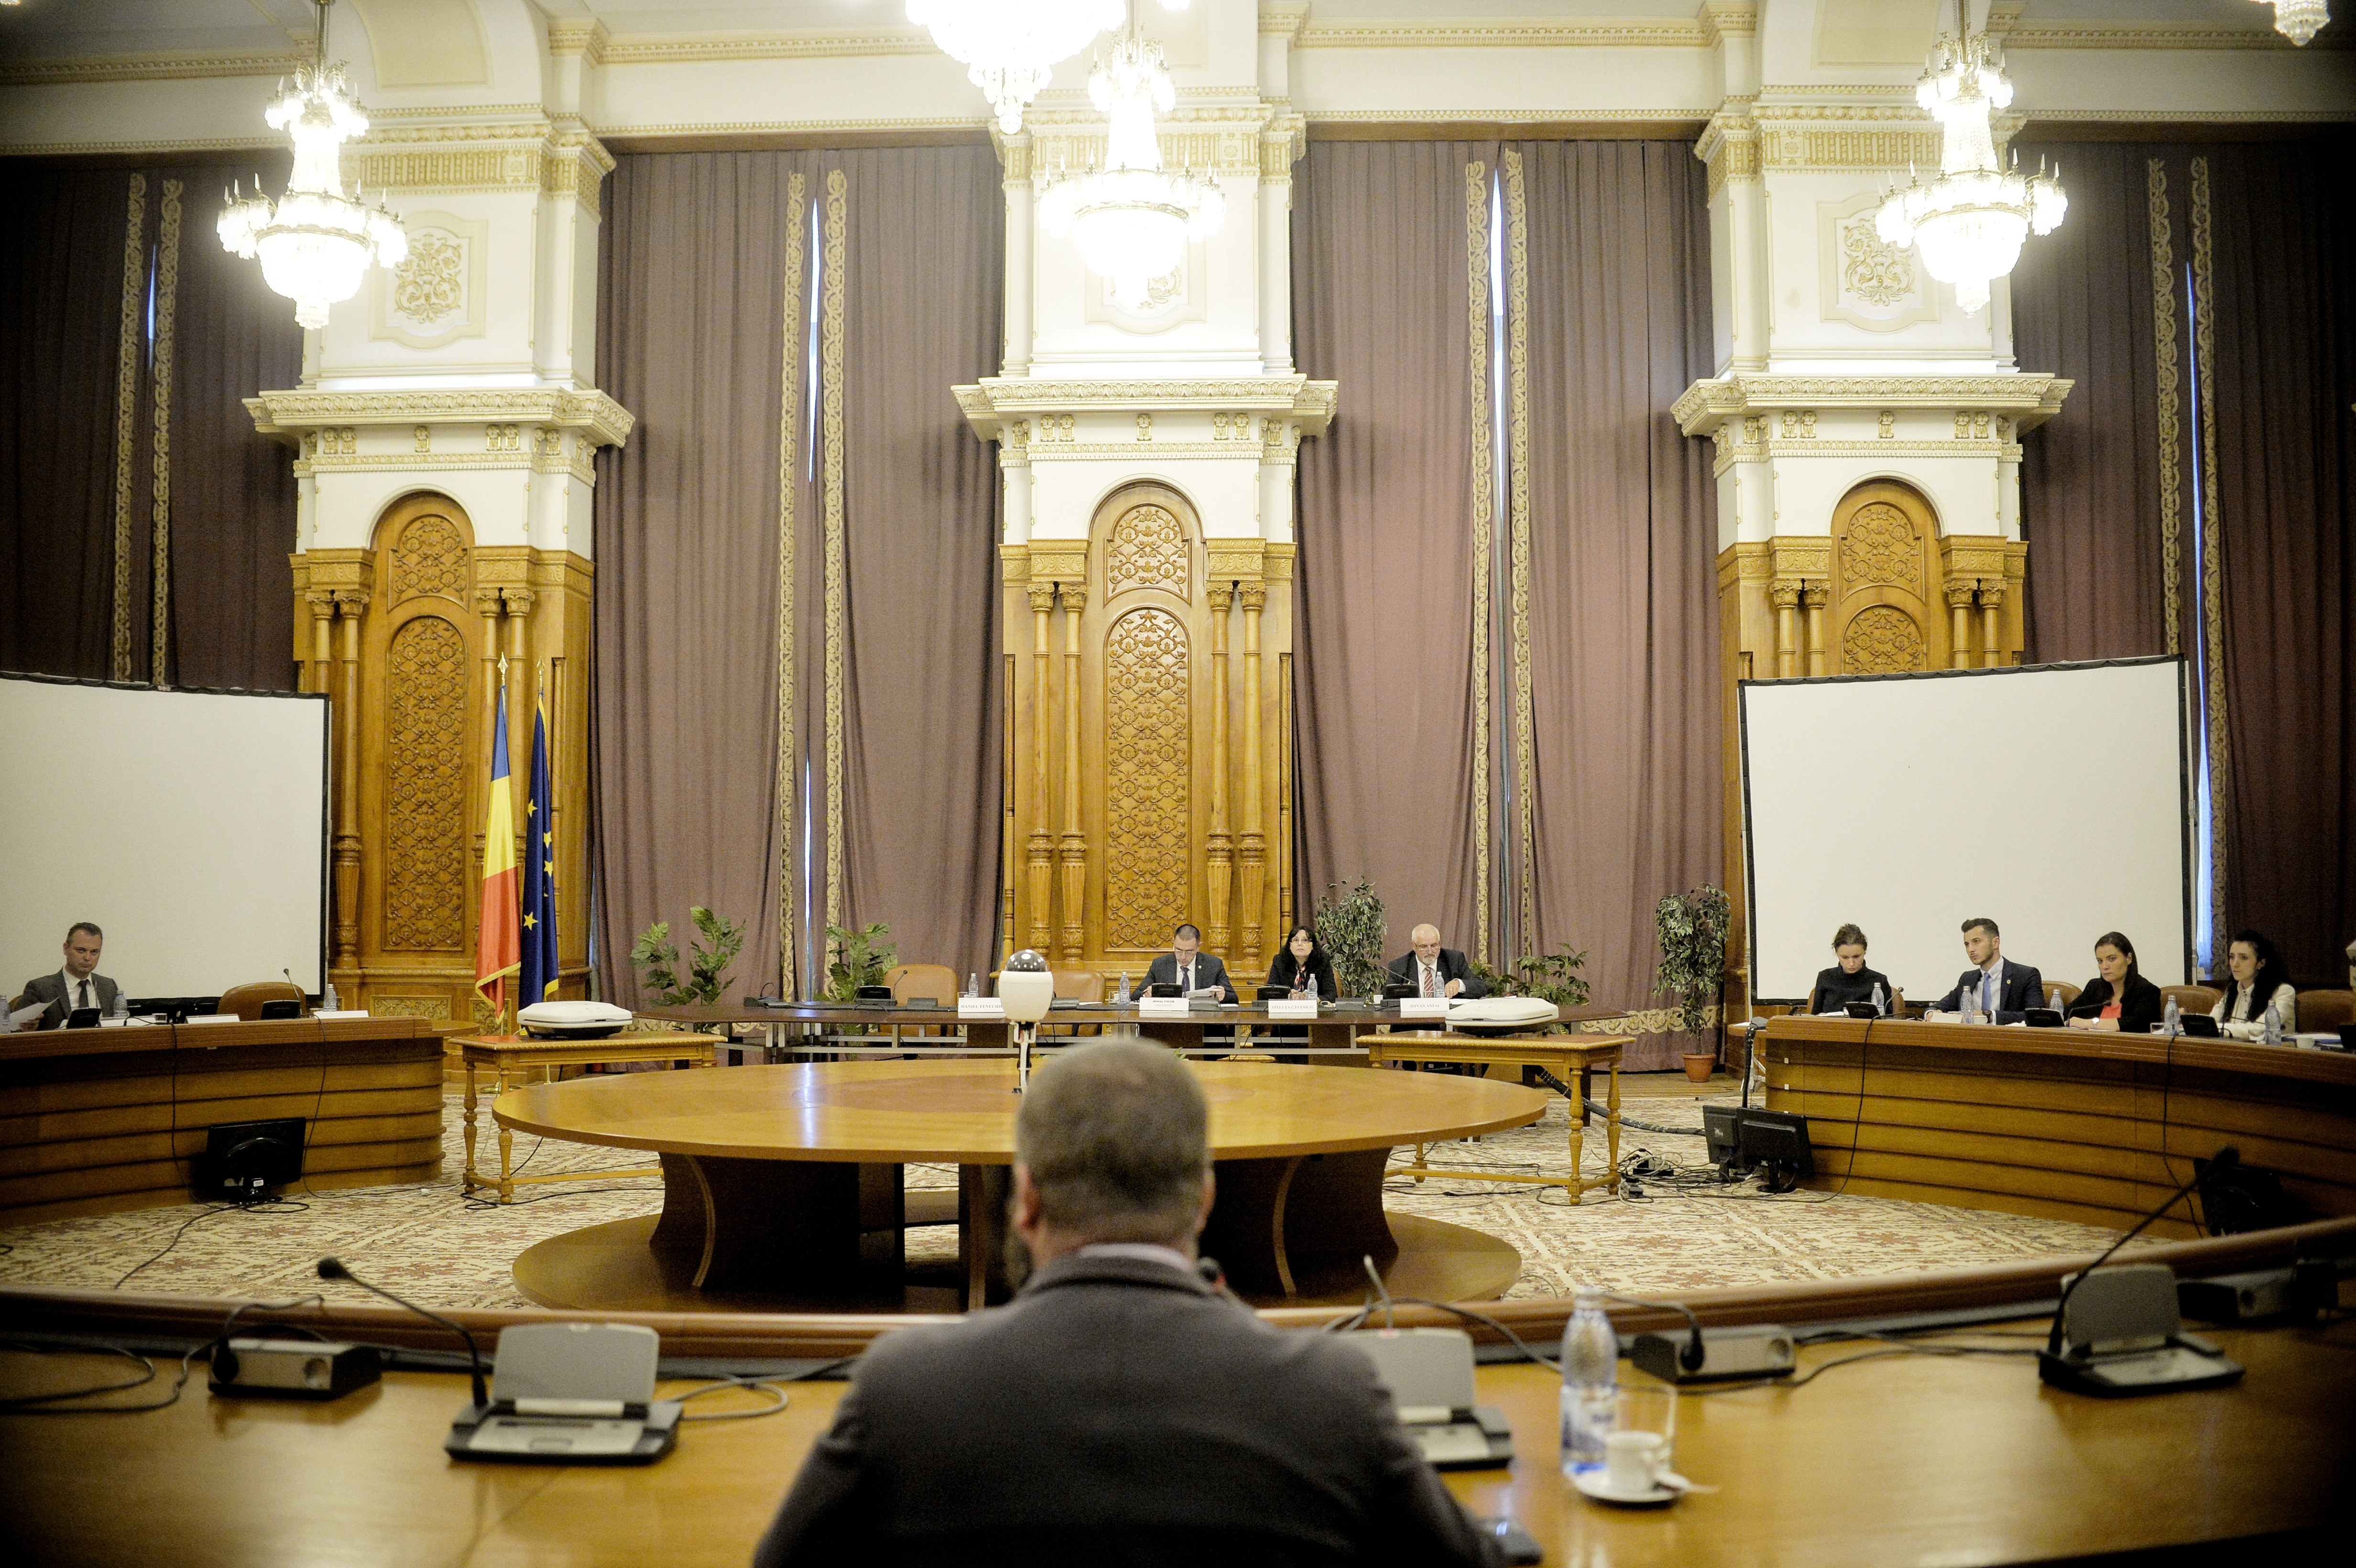 Reacţia Parchetului General, după refuzul CSM de a sesiza CCR: Cererea comisiei de anchetă a alegerilor din 2009 se află în analiză